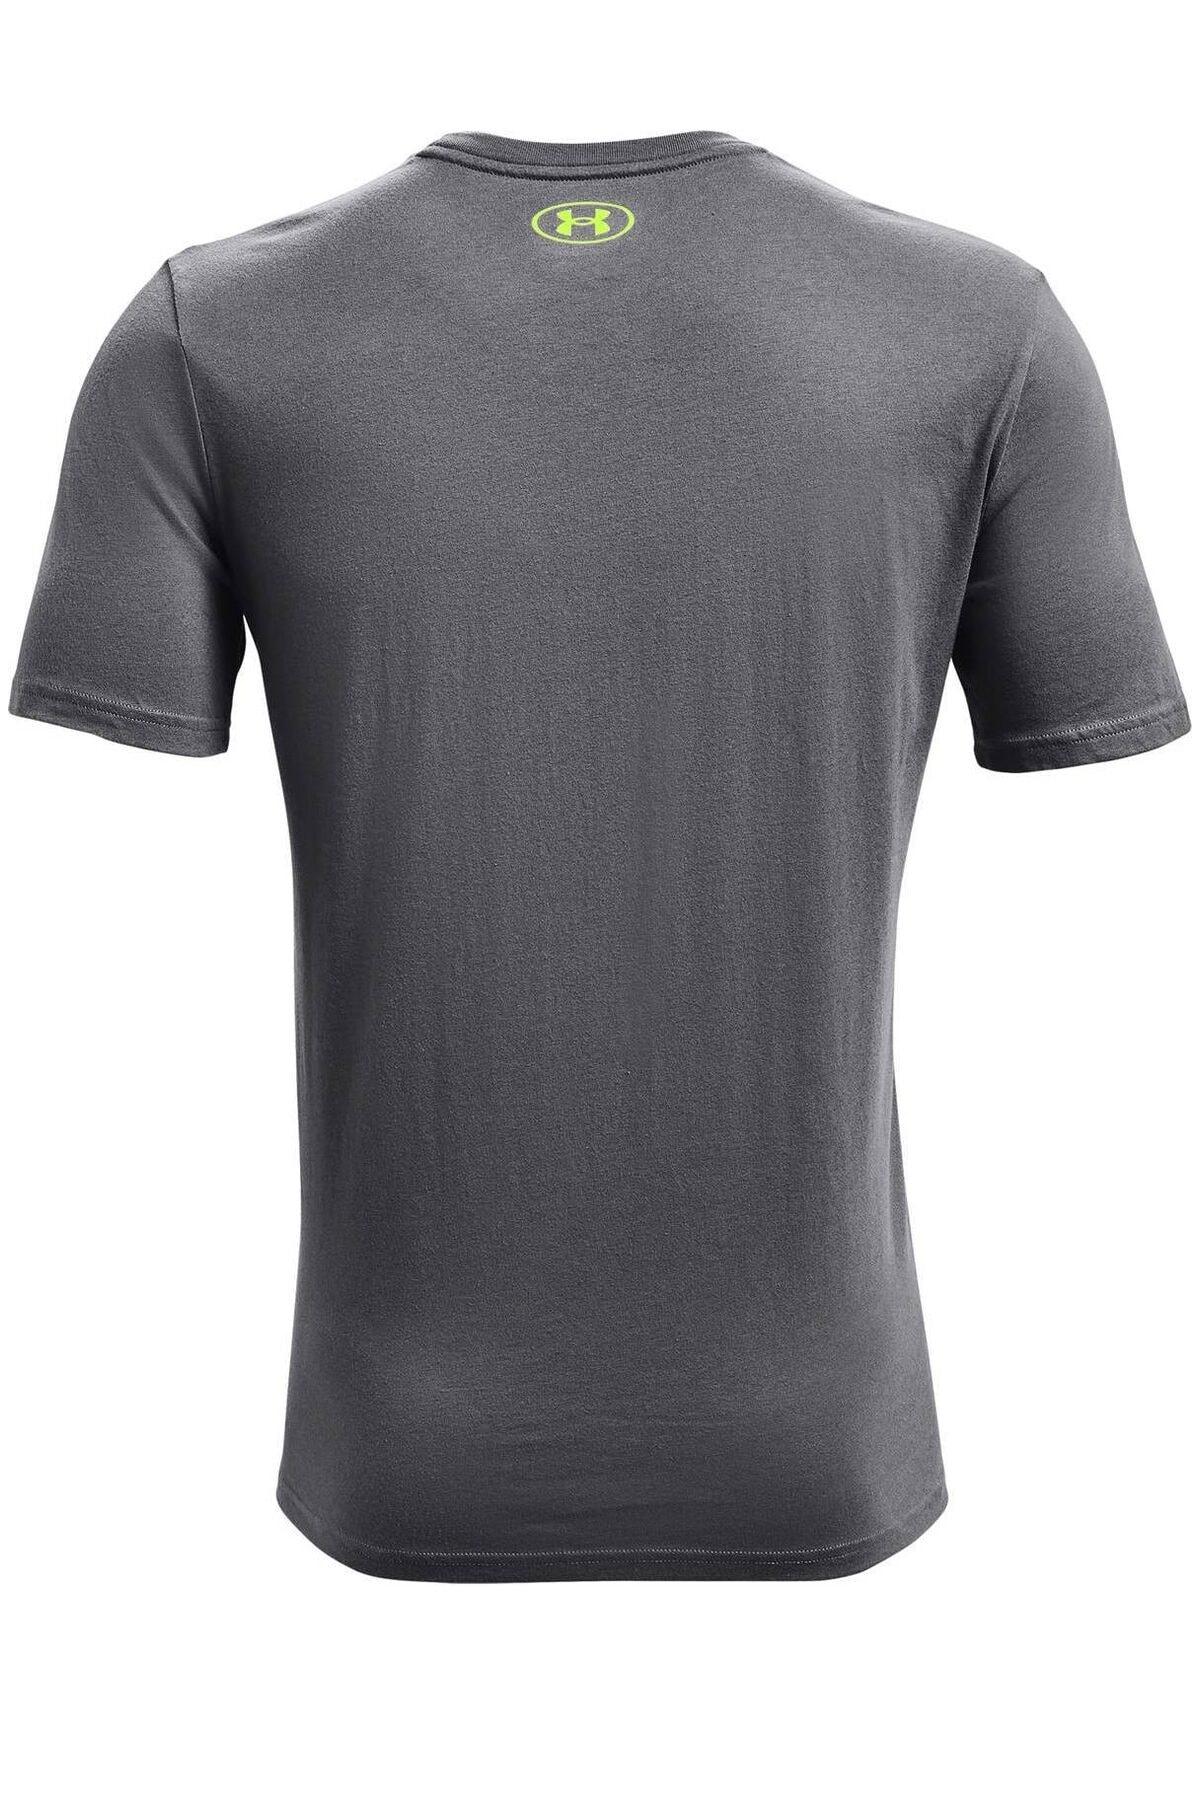 Under Armour Erkek Spor T-Shirt - UA Pjt Rock Brahma Bull SS - 1361733-012 2